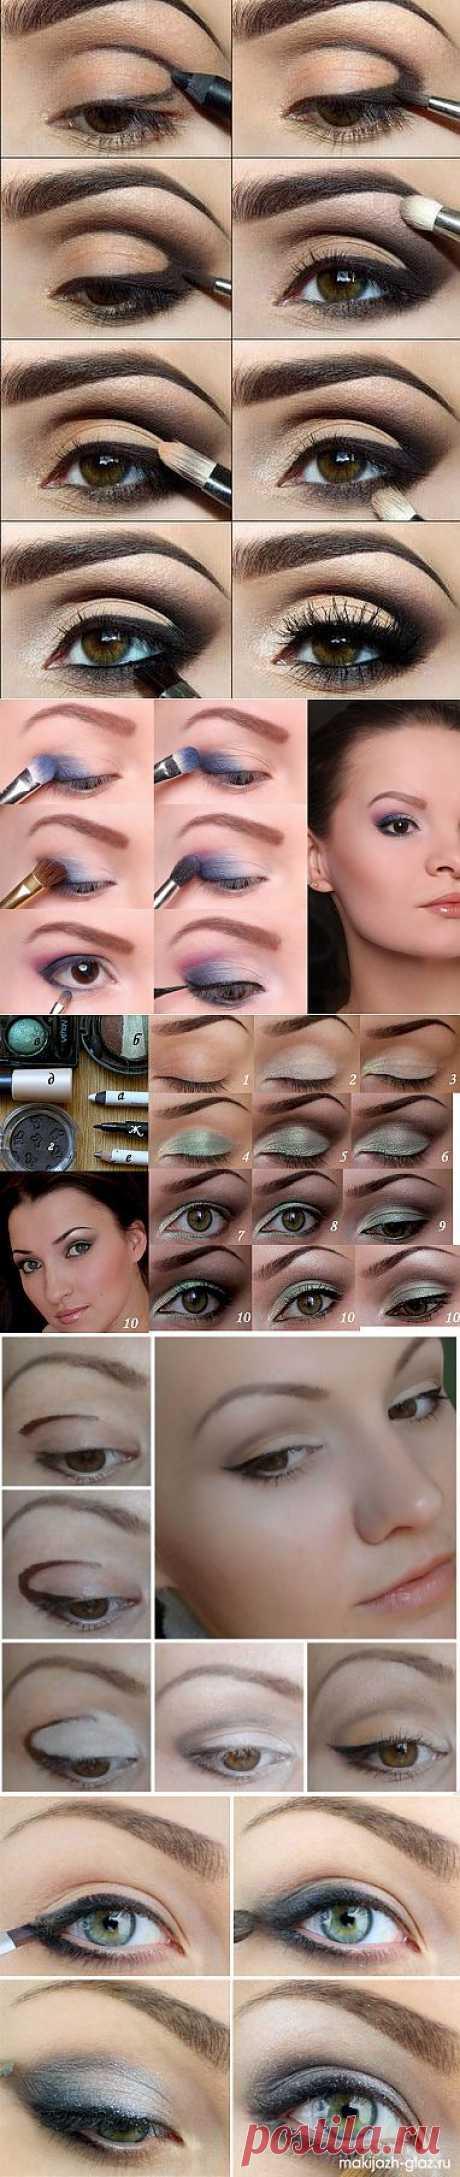 макияж для глаз пошаговое фото | ШПИЛЬКИ